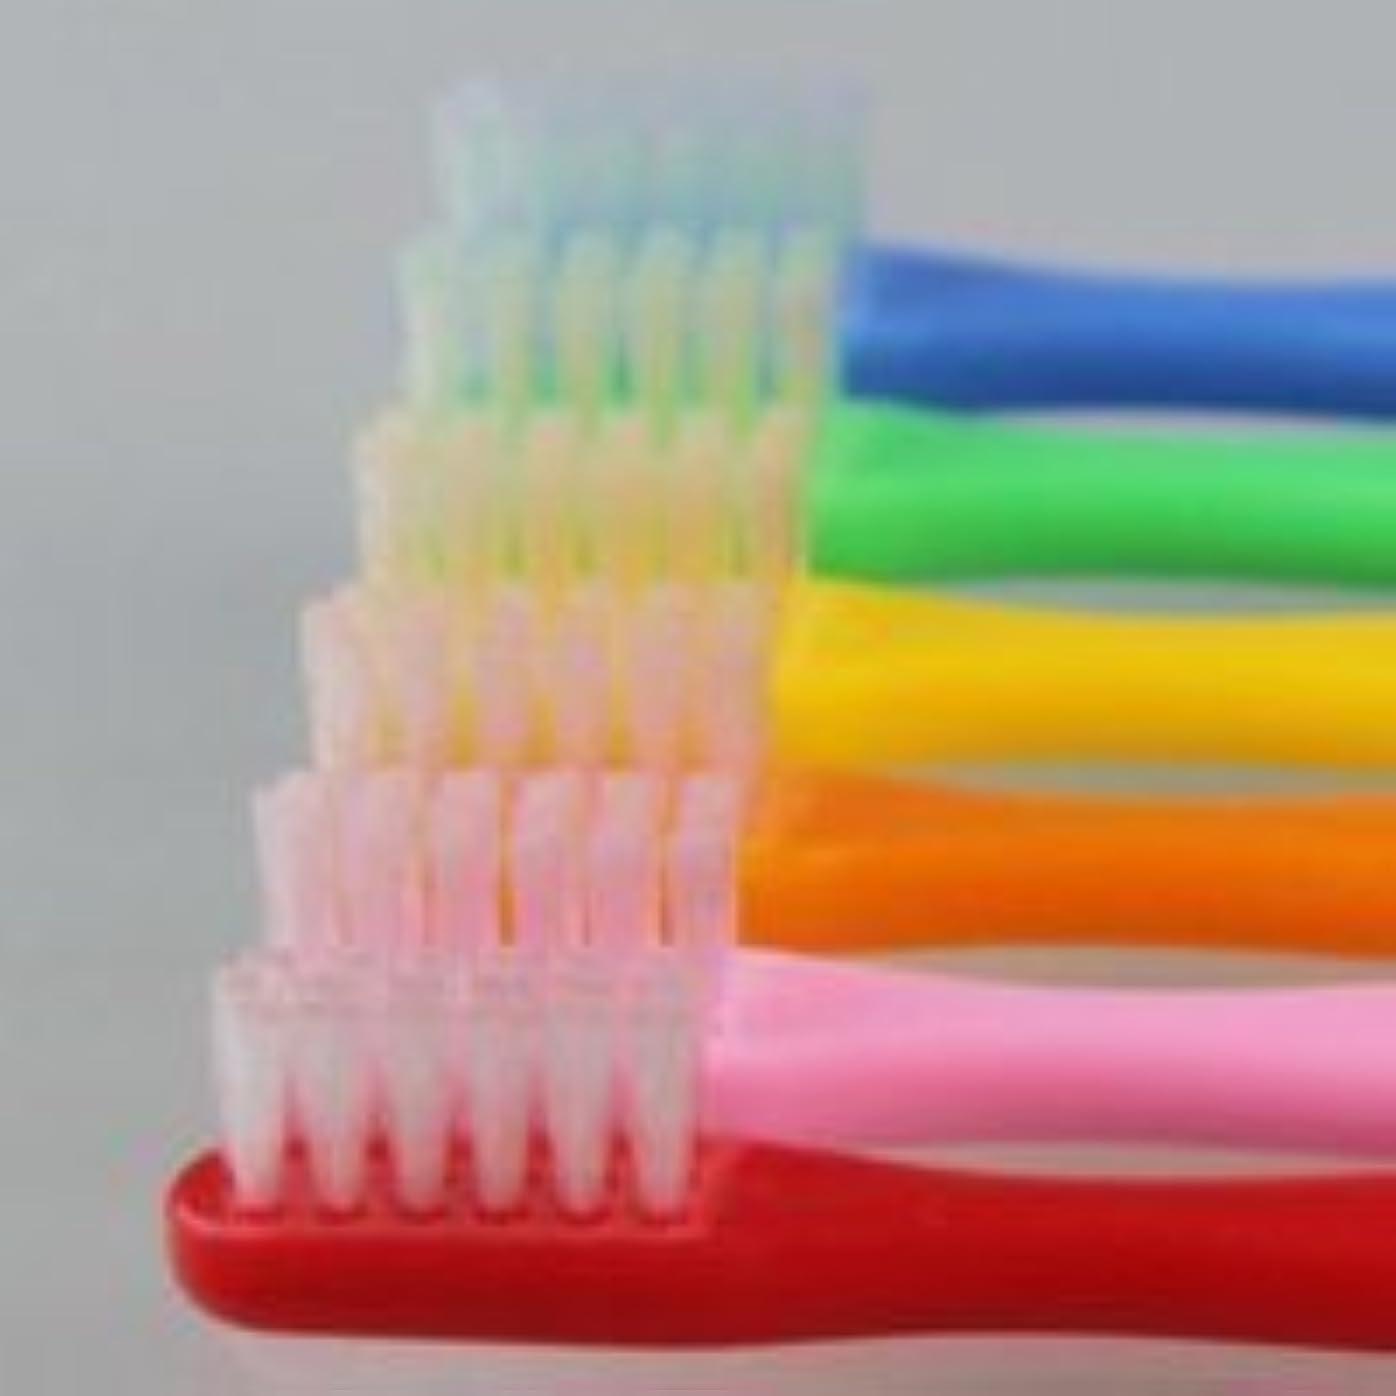 ジョイントうなり声安全サムフレンド 歯ブラシ #10(乳歯~6才向け) 6本 ※お色は当店お任せです